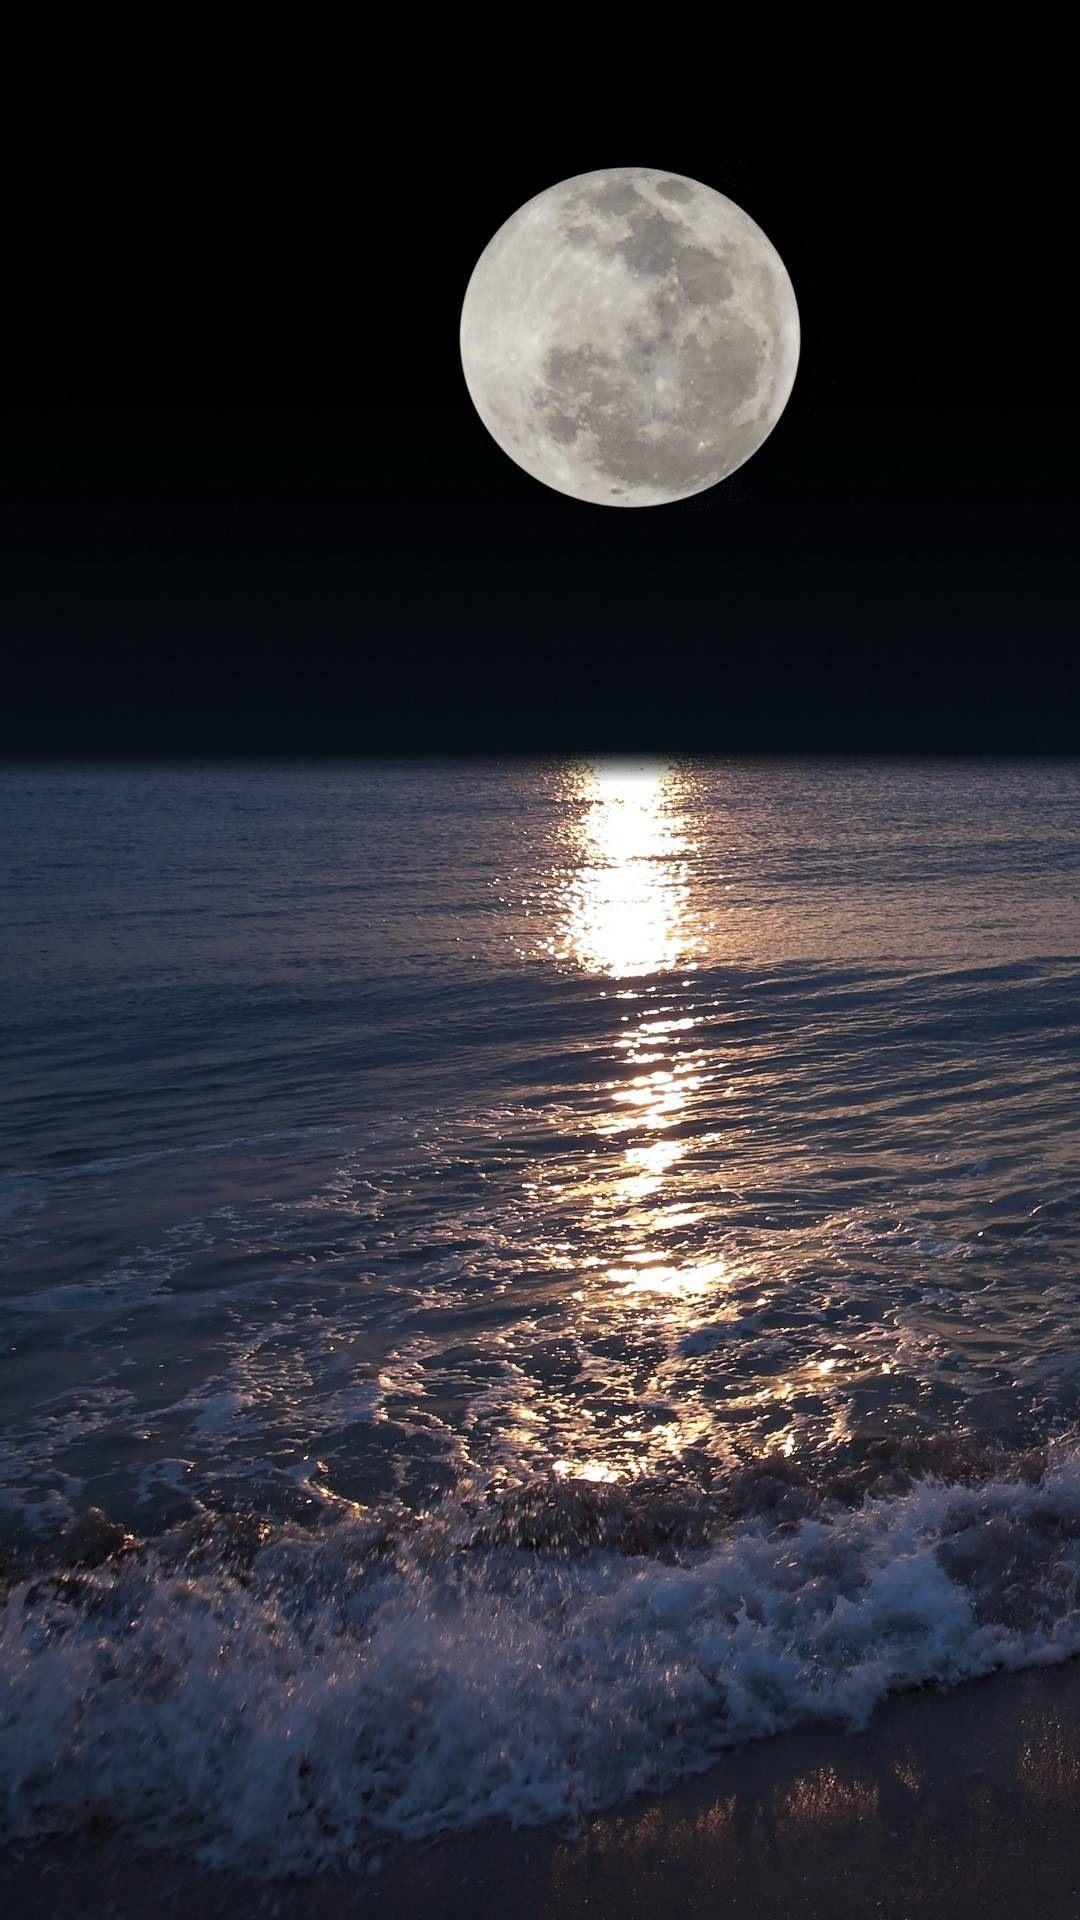 night moon #moon #night #ocean #nightmoon #nature #picsart #remixit #wallpaper #wallpapers #bestwallpaper